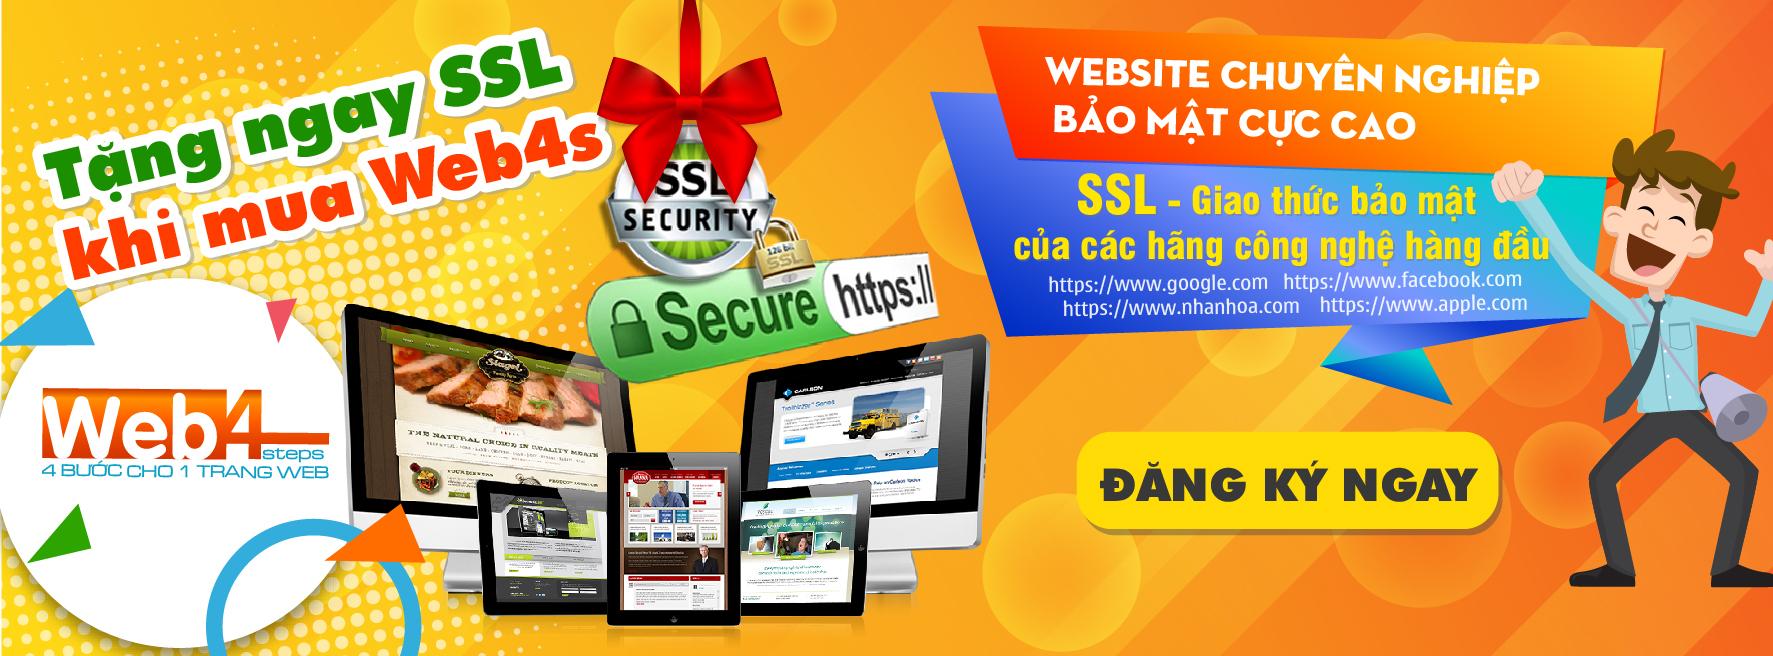 Tặng SSL khi đăng ký Web4s